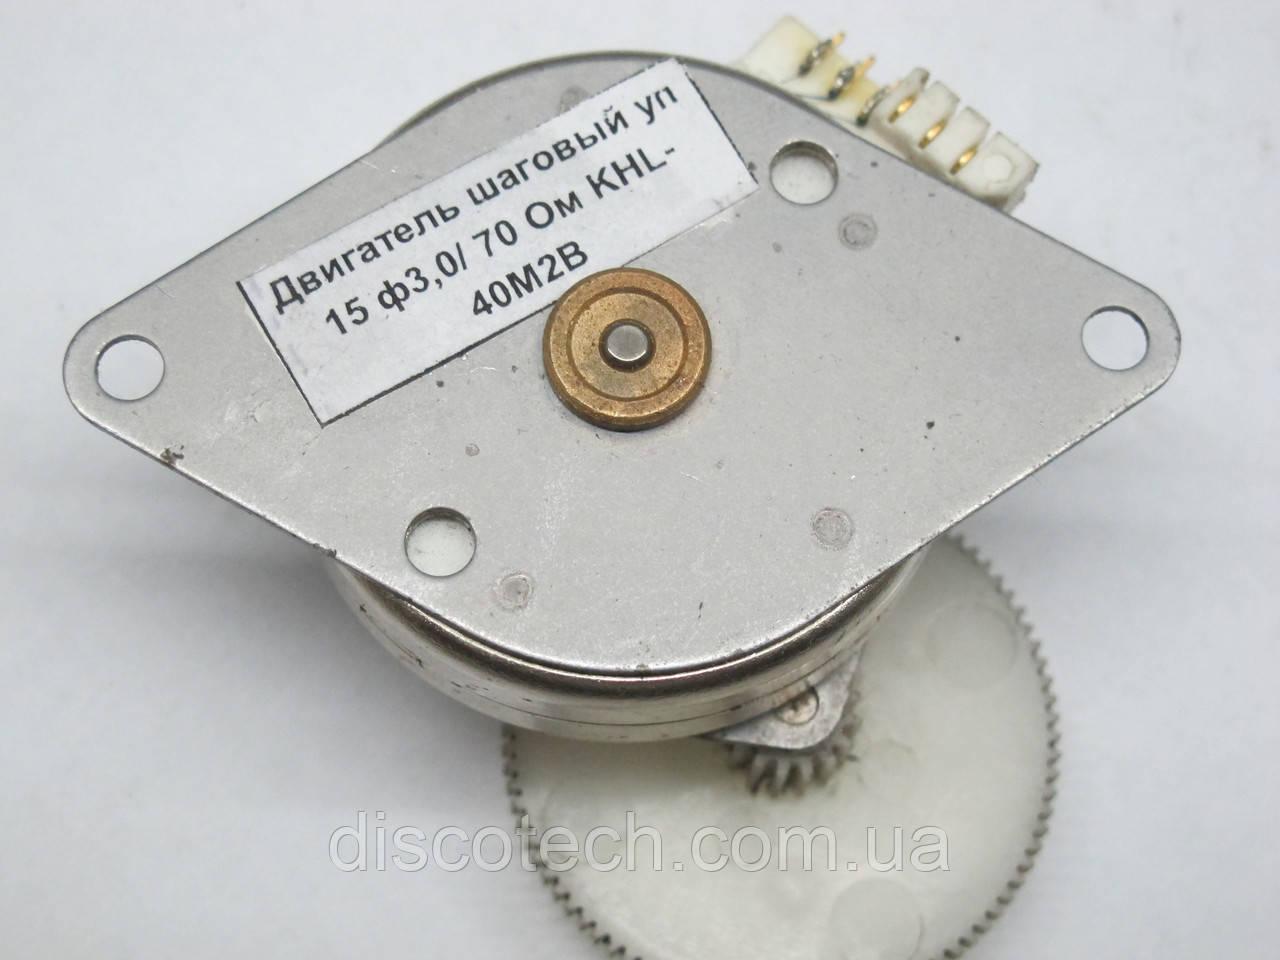 Двигатель шаговый уп 15 ф3,0/ 70 Ом KHL-40M2B